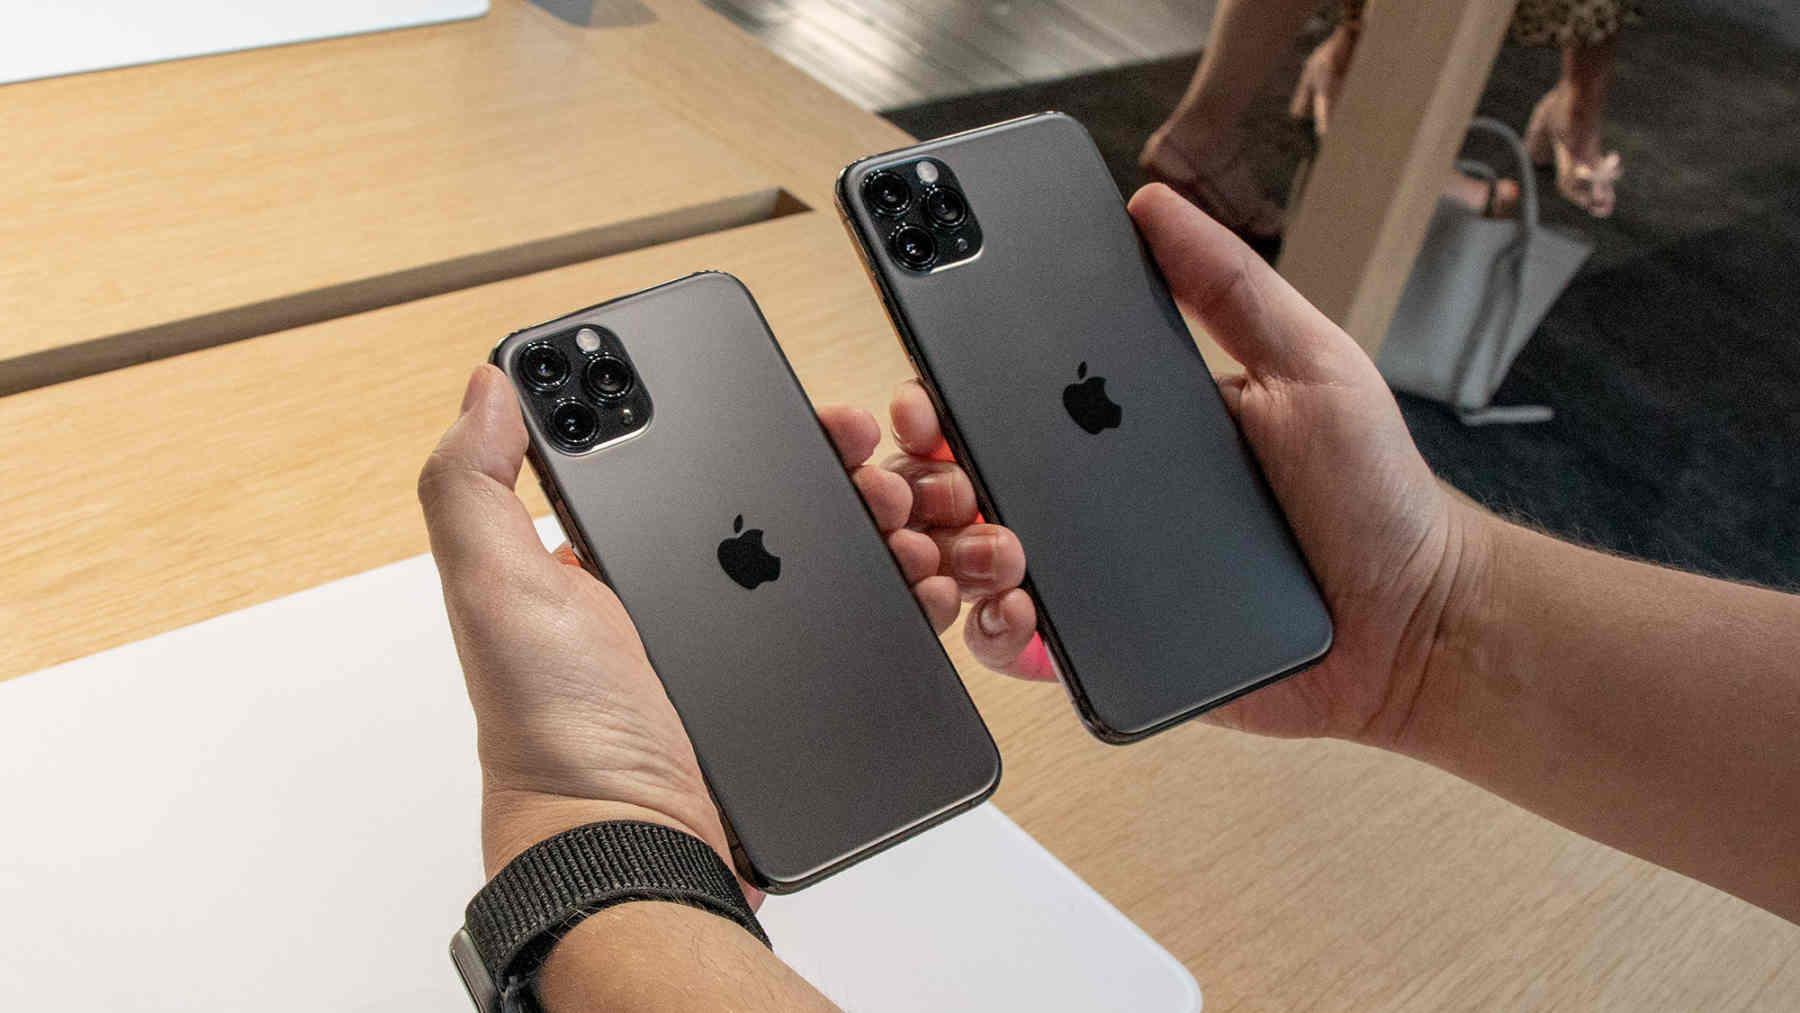 Bị lấy cắp iPhone khi đang cách ly trong bệnh viện ở TP.HCM